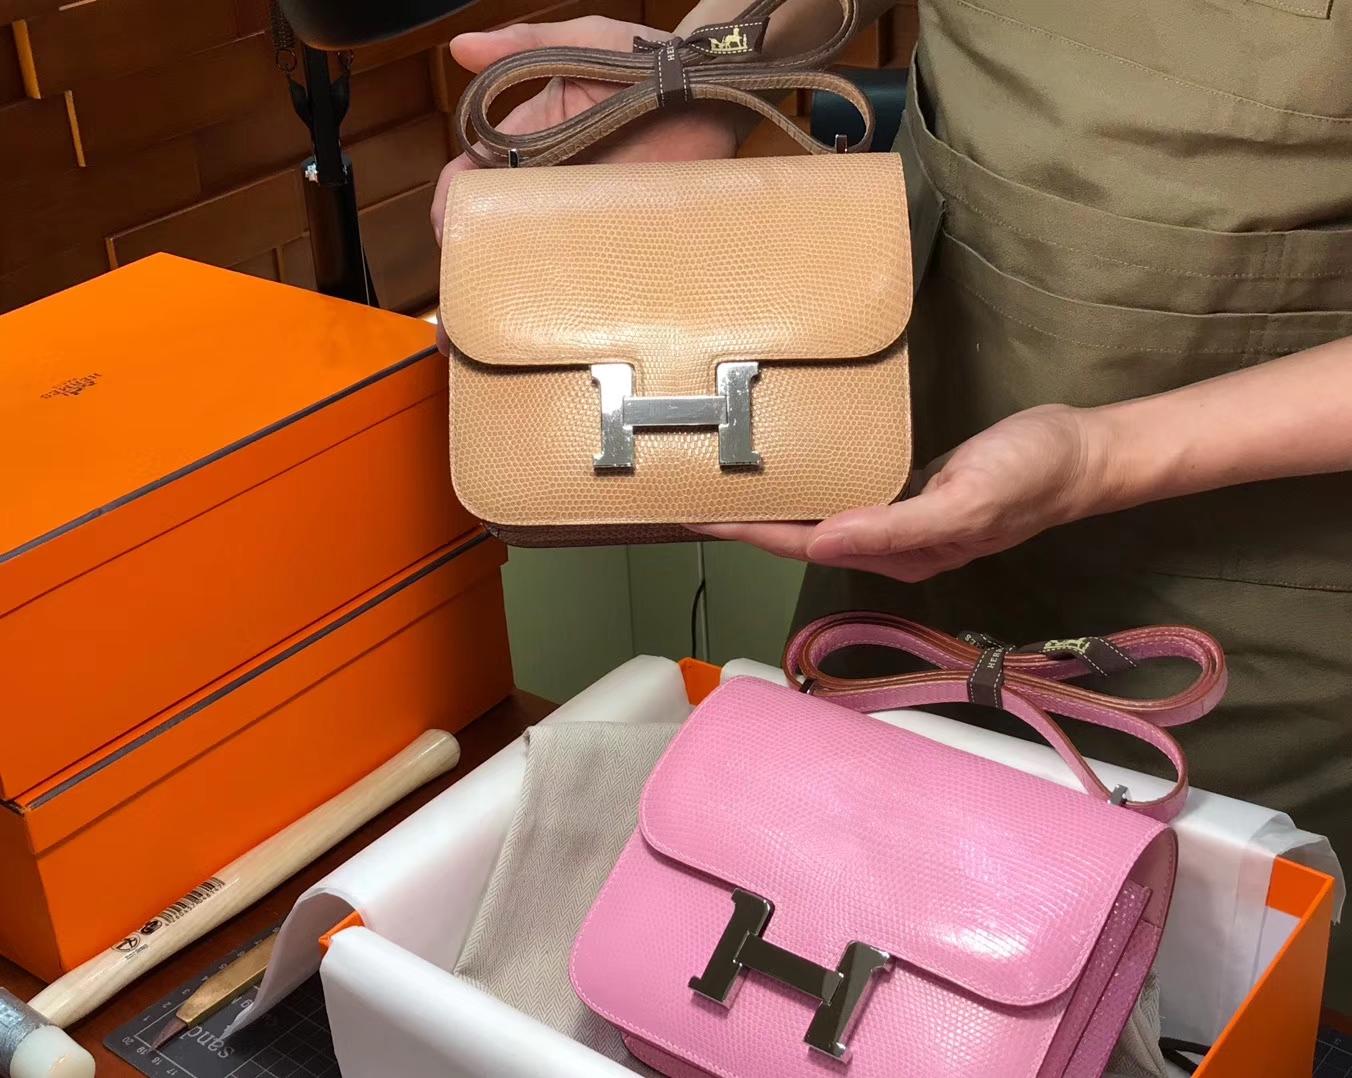 Hermes 爱马仕 空姐包 Constance 蜥蜴皮 cc14杏色beige 接受定制 配全套专柜原版包装